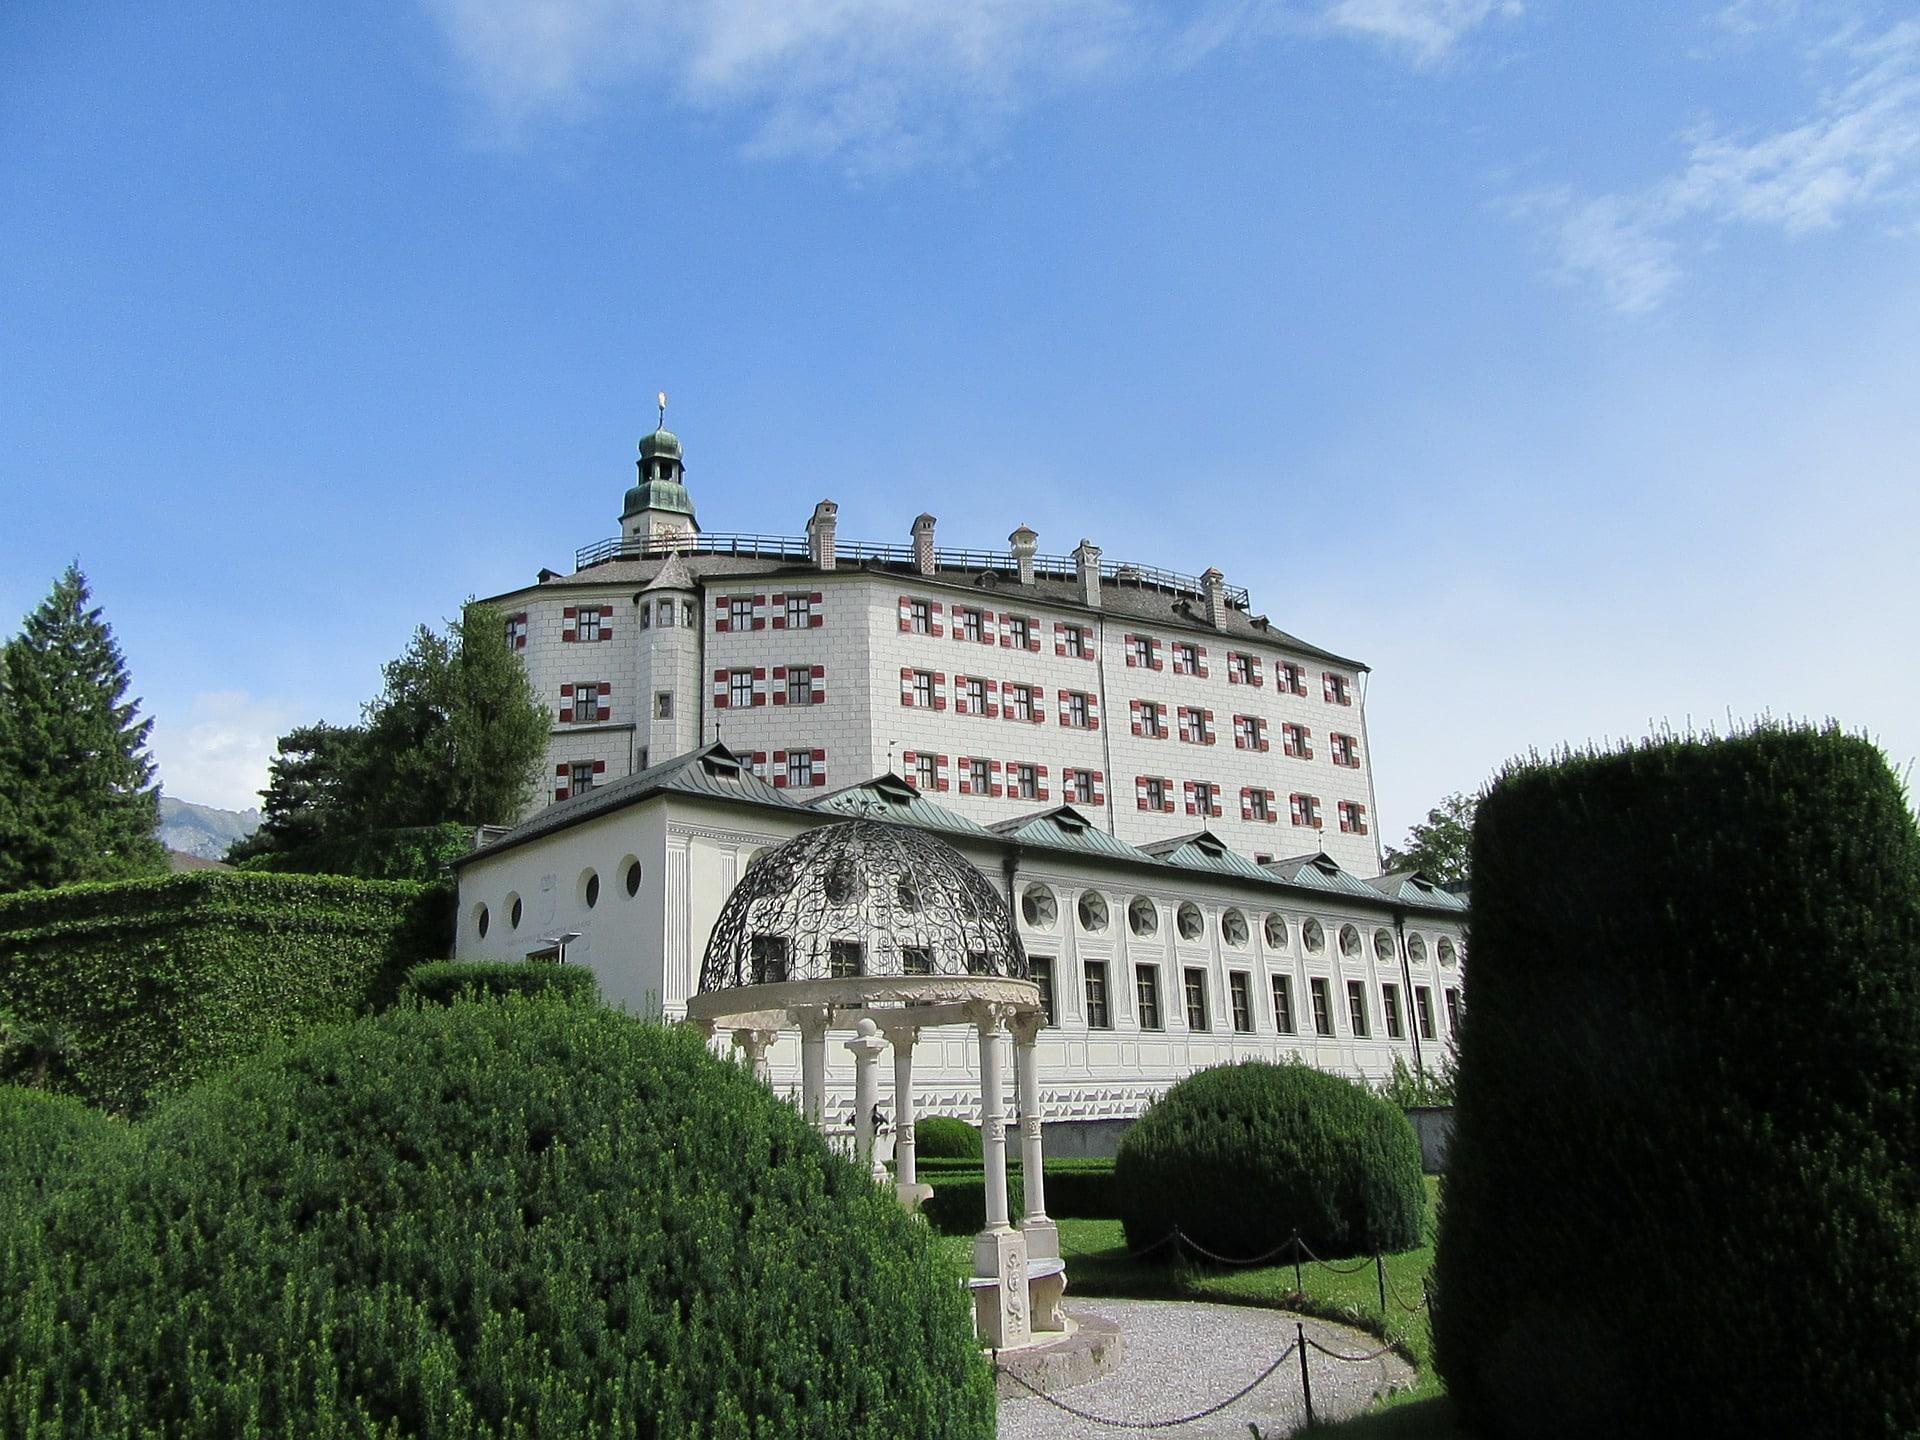 Pompöse Fassade Schloss Ambras in Innsbruck